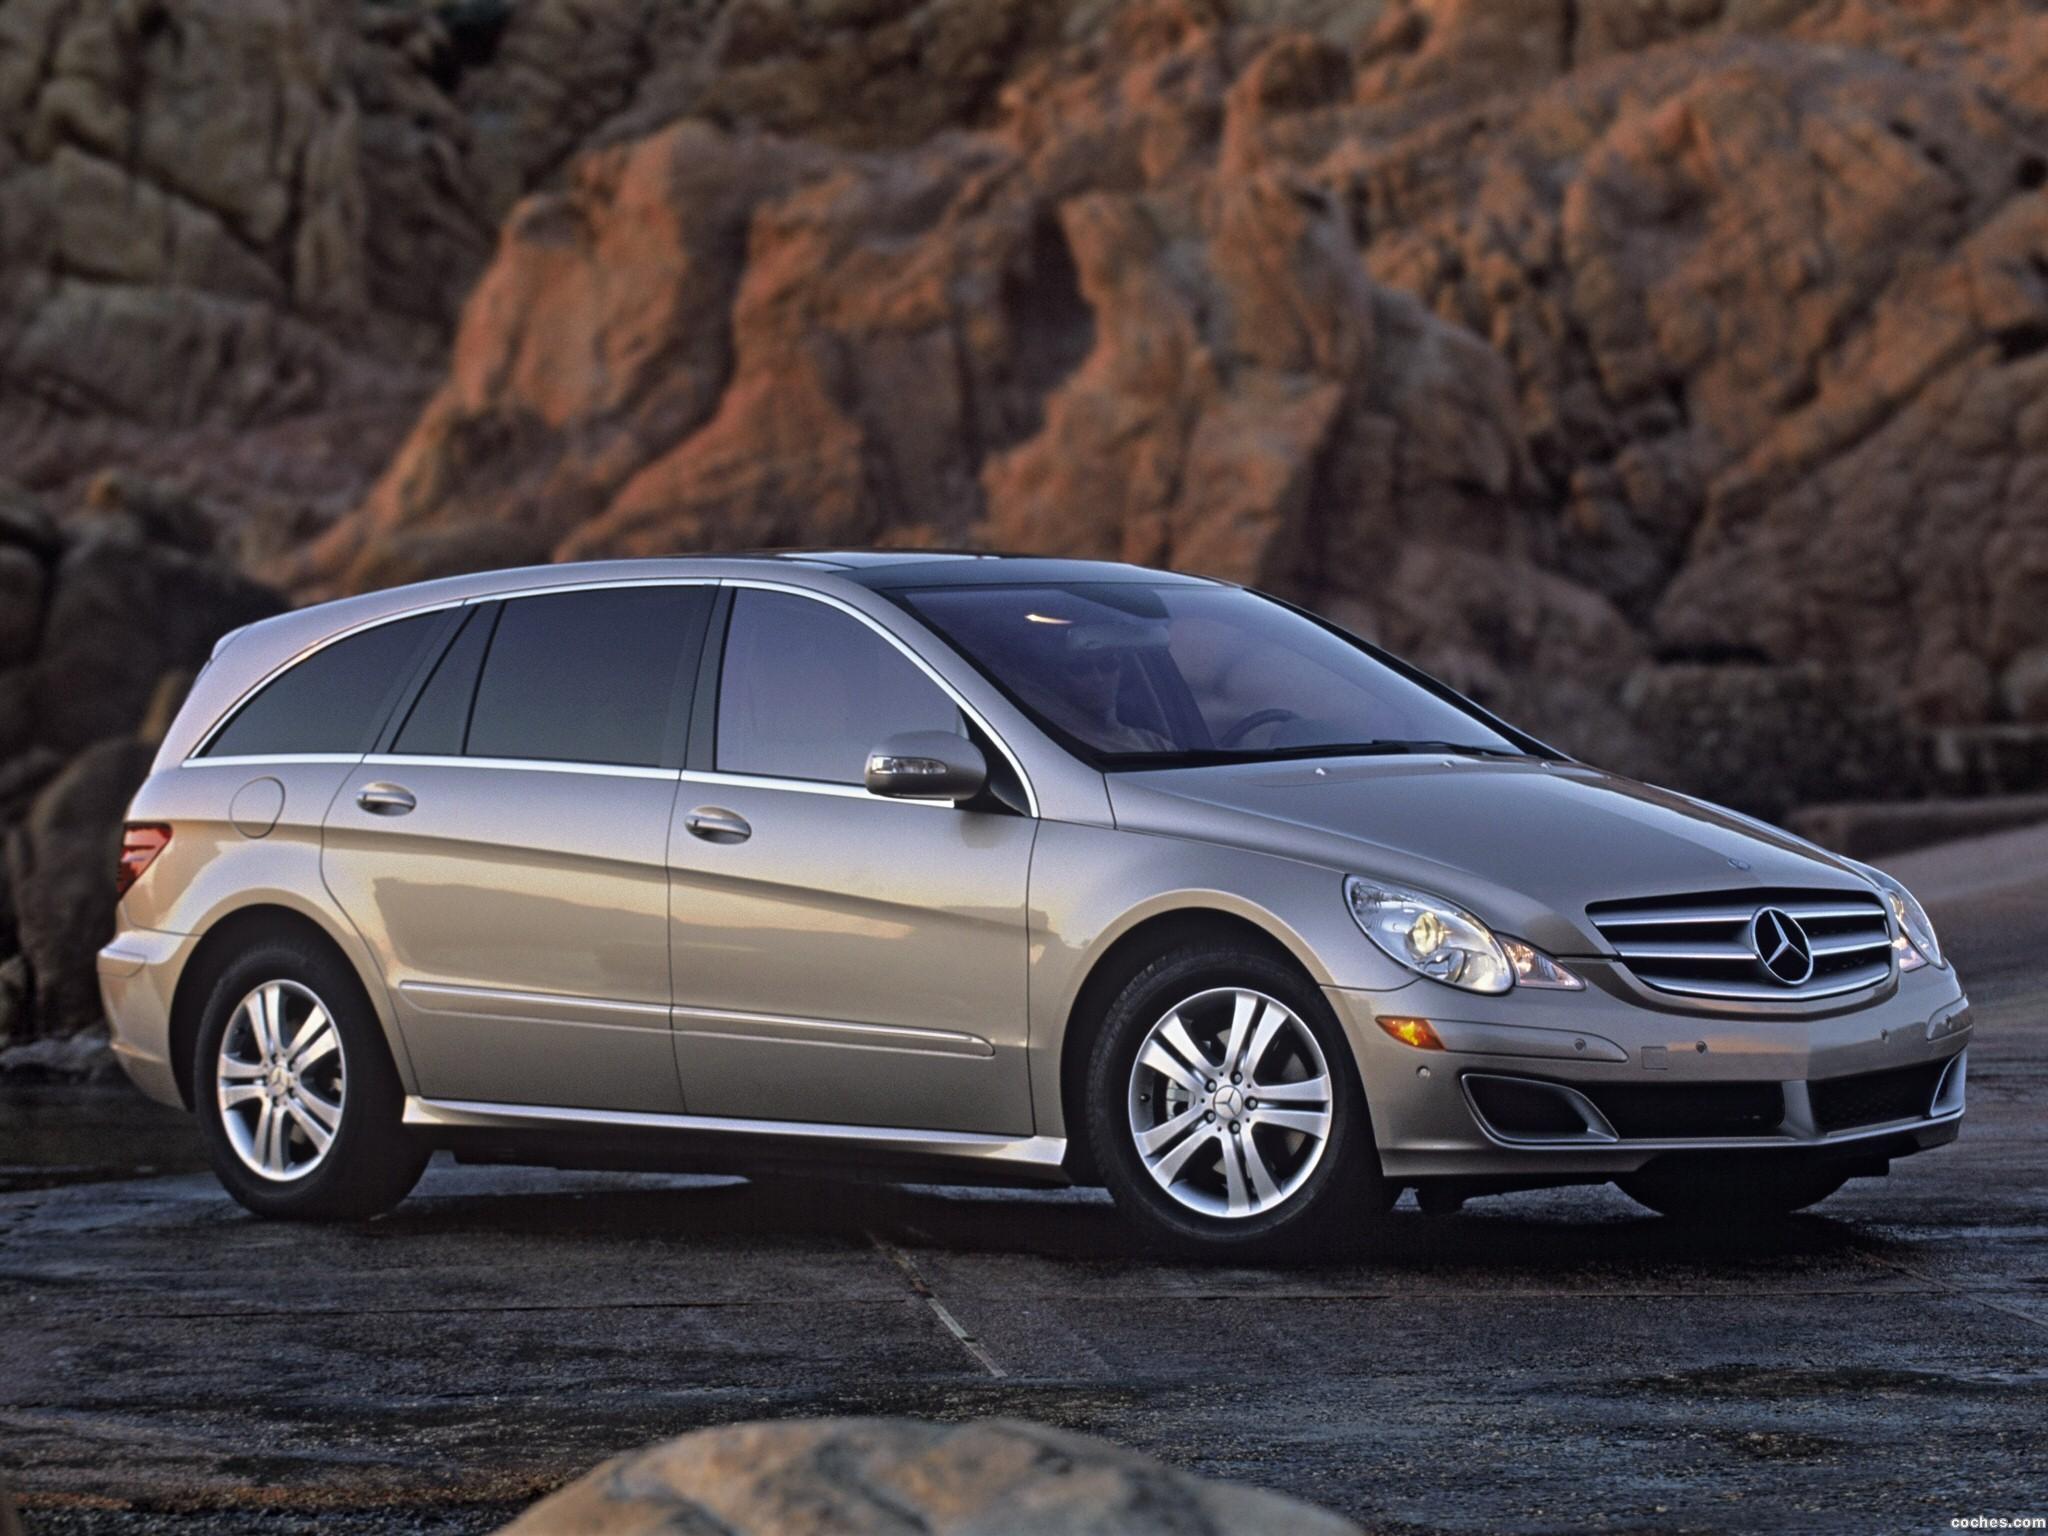 Foto 0 de Mercedes Clase R 2006